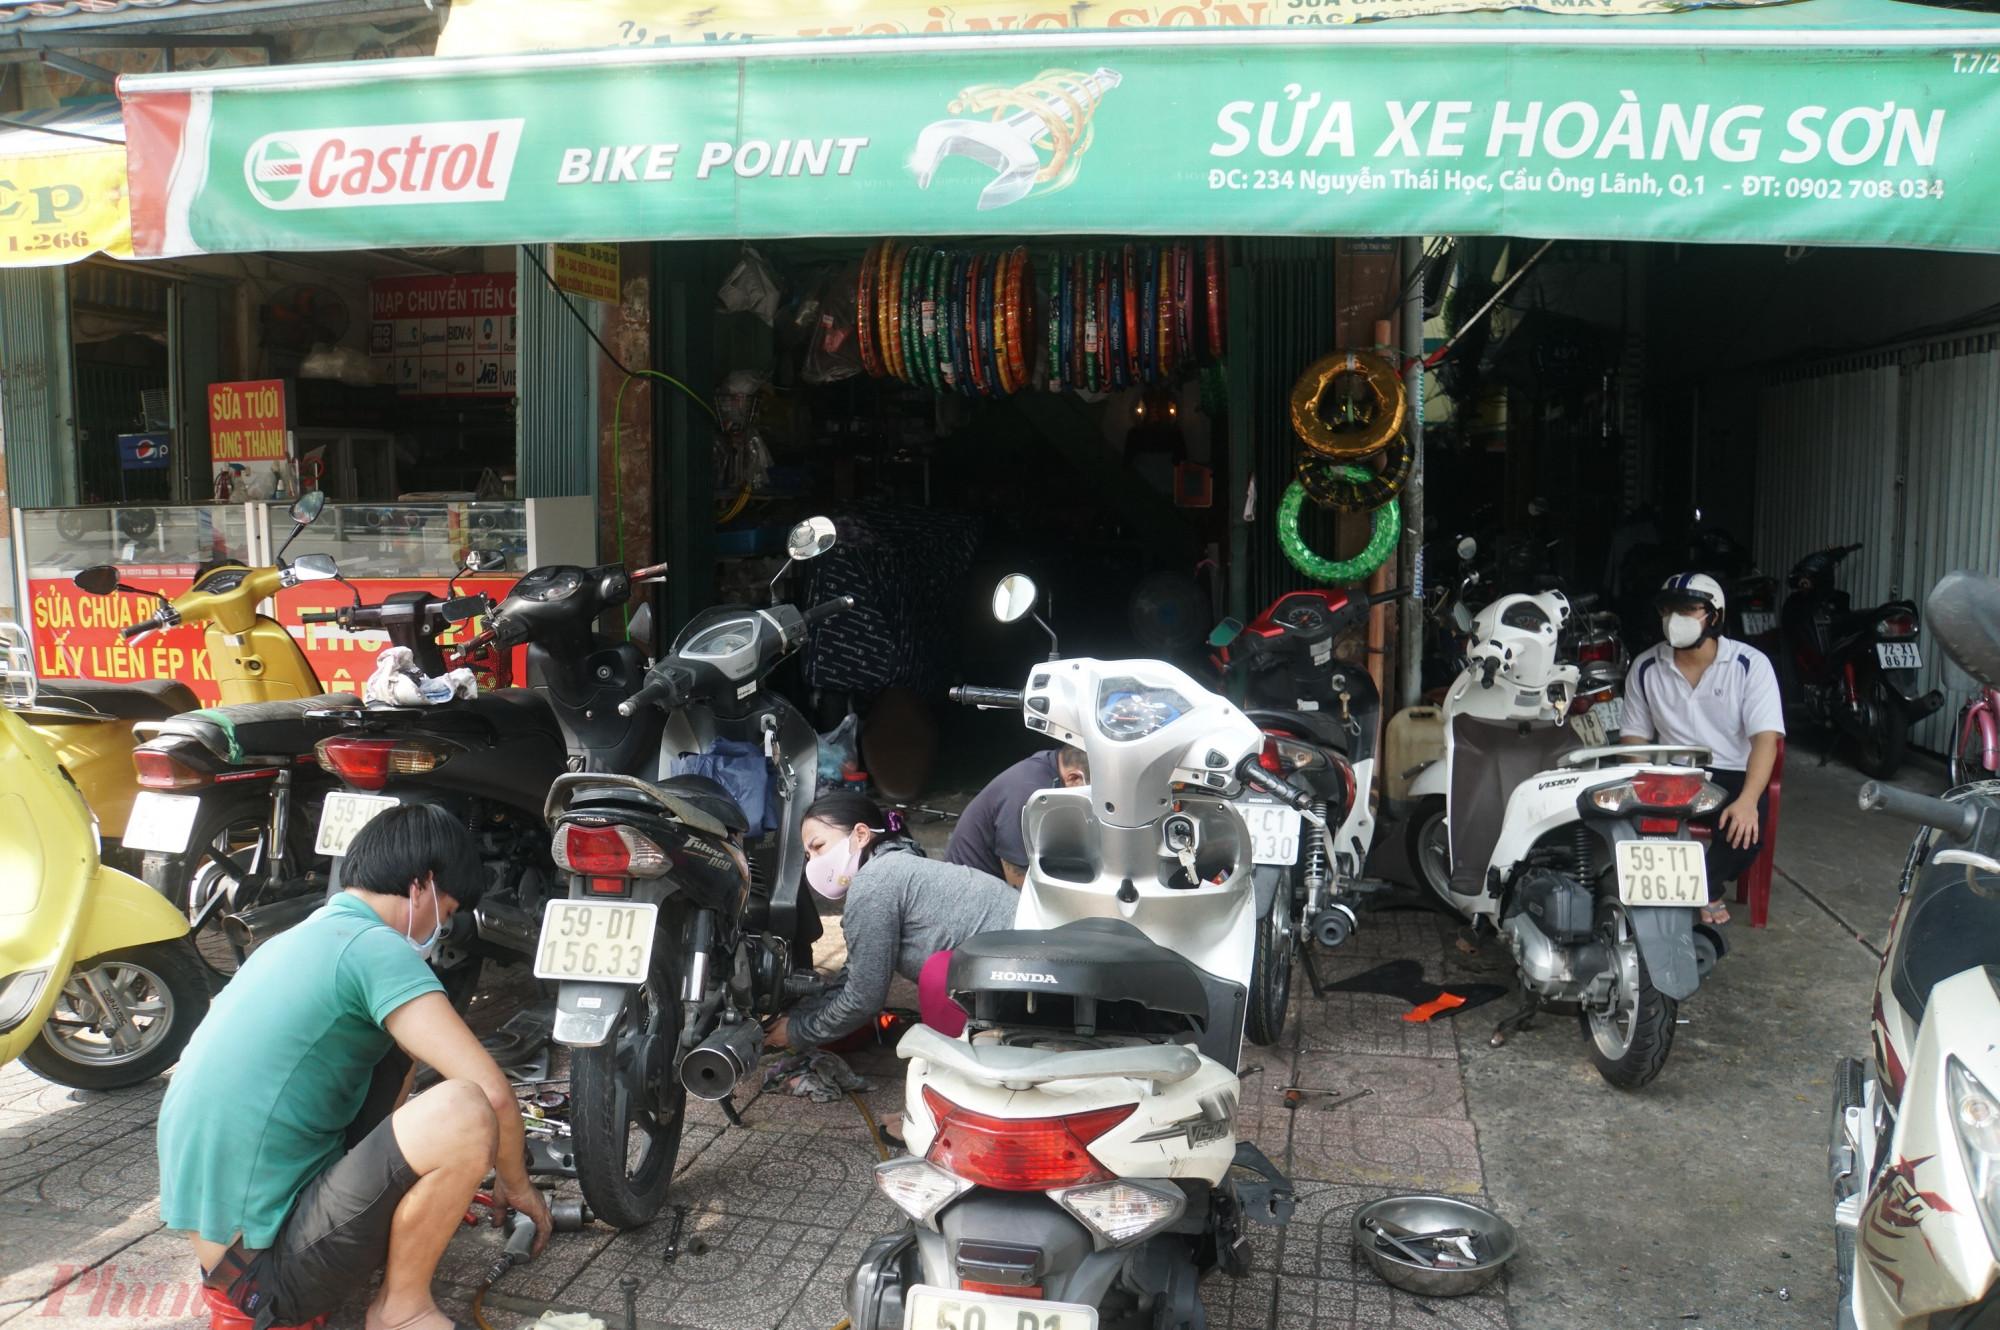 Tiệm sửa xe này có 3 người làm nhưng không xuể, chủ tiệm nói từ sáng sớm người dân sống gần đó đã gõ cửa mở hàng